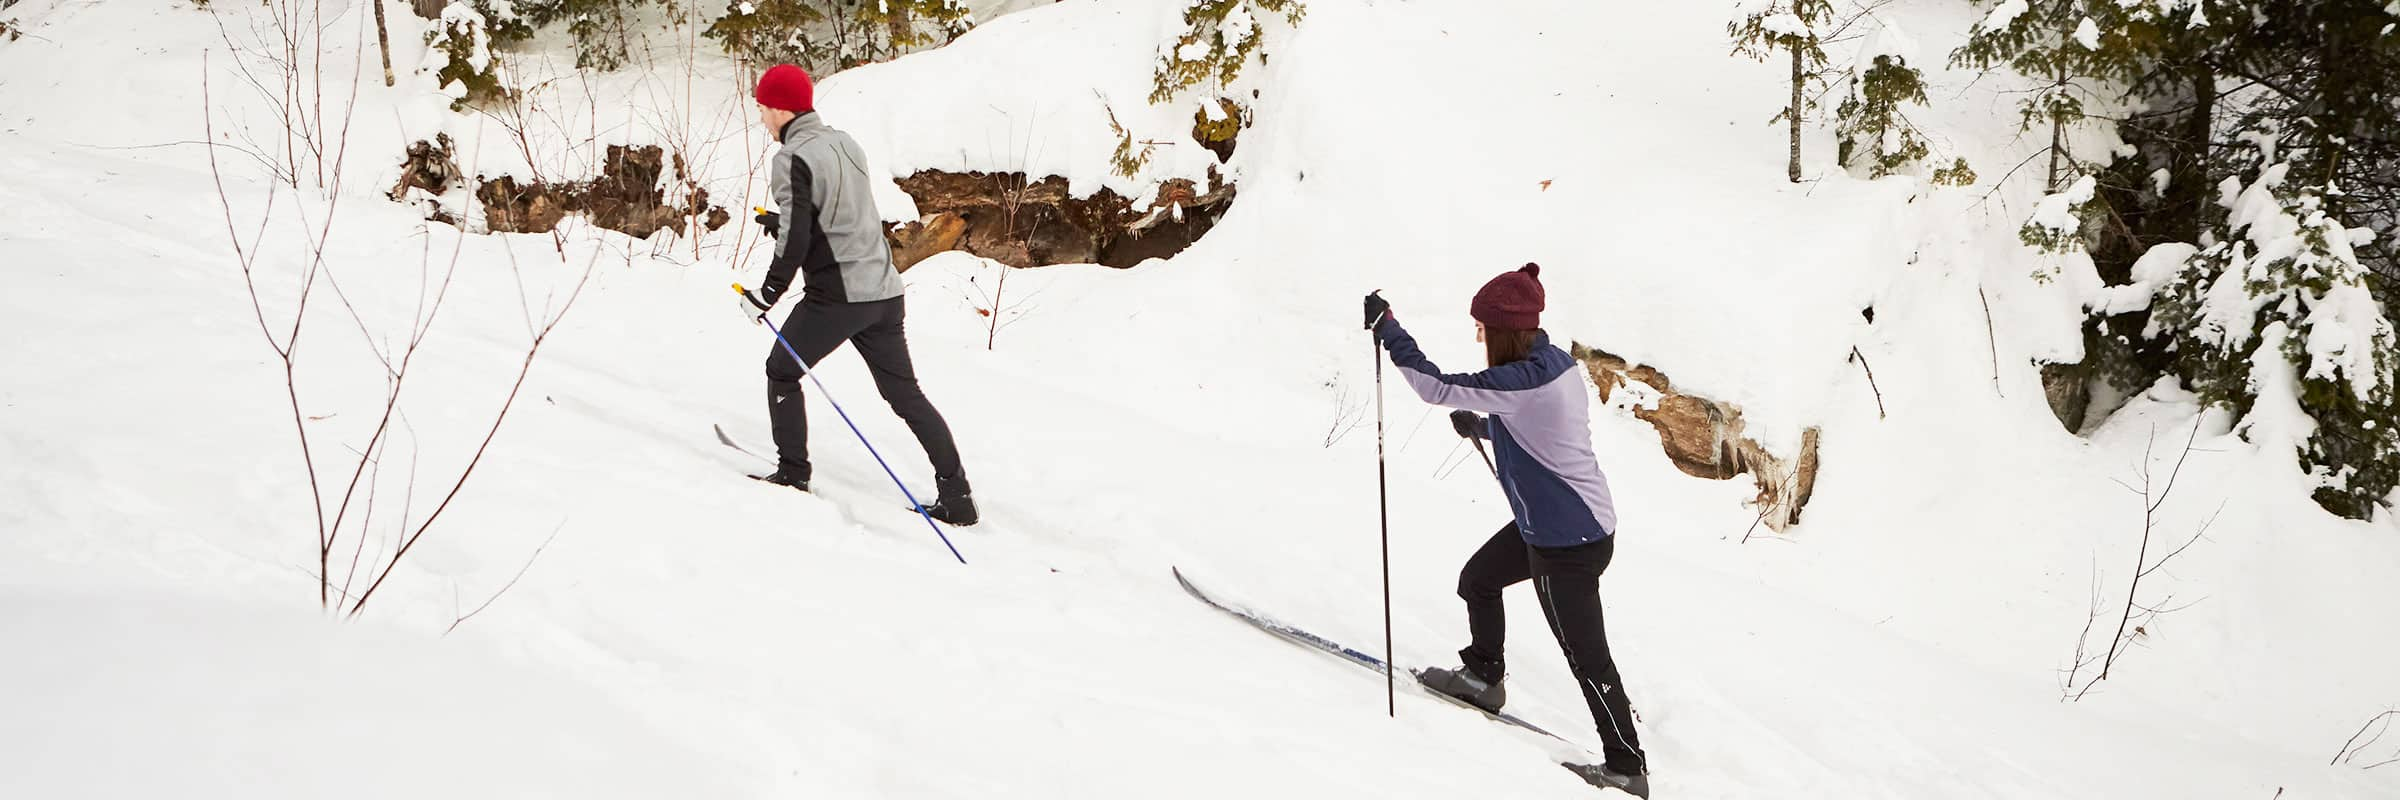 Où faire du ski de fond au Québec en 2020